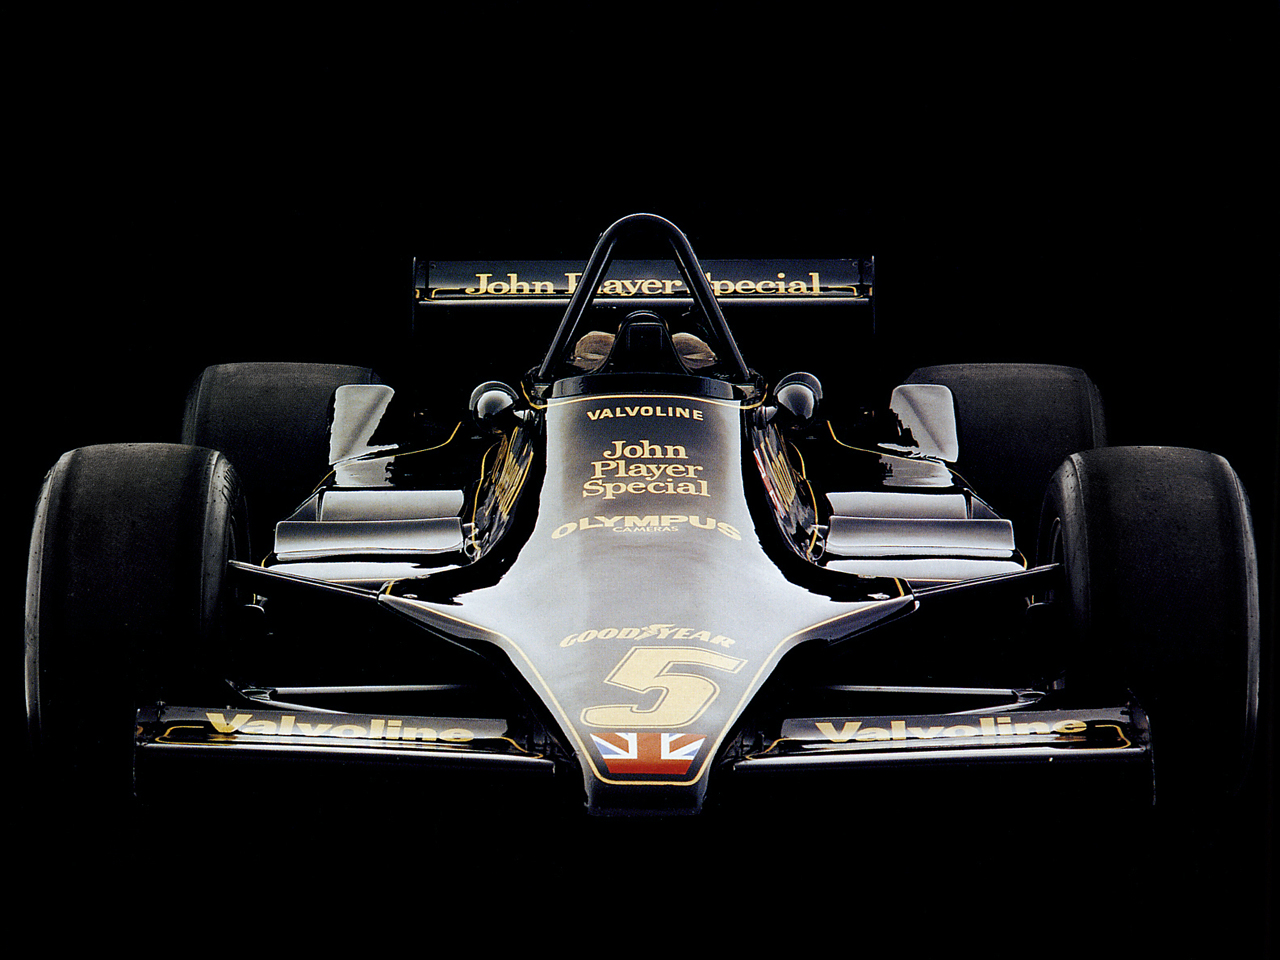 Os dez patrocinadores que gostaríamos de ver de novo na Fórmula 1 5a4aef926a6a7